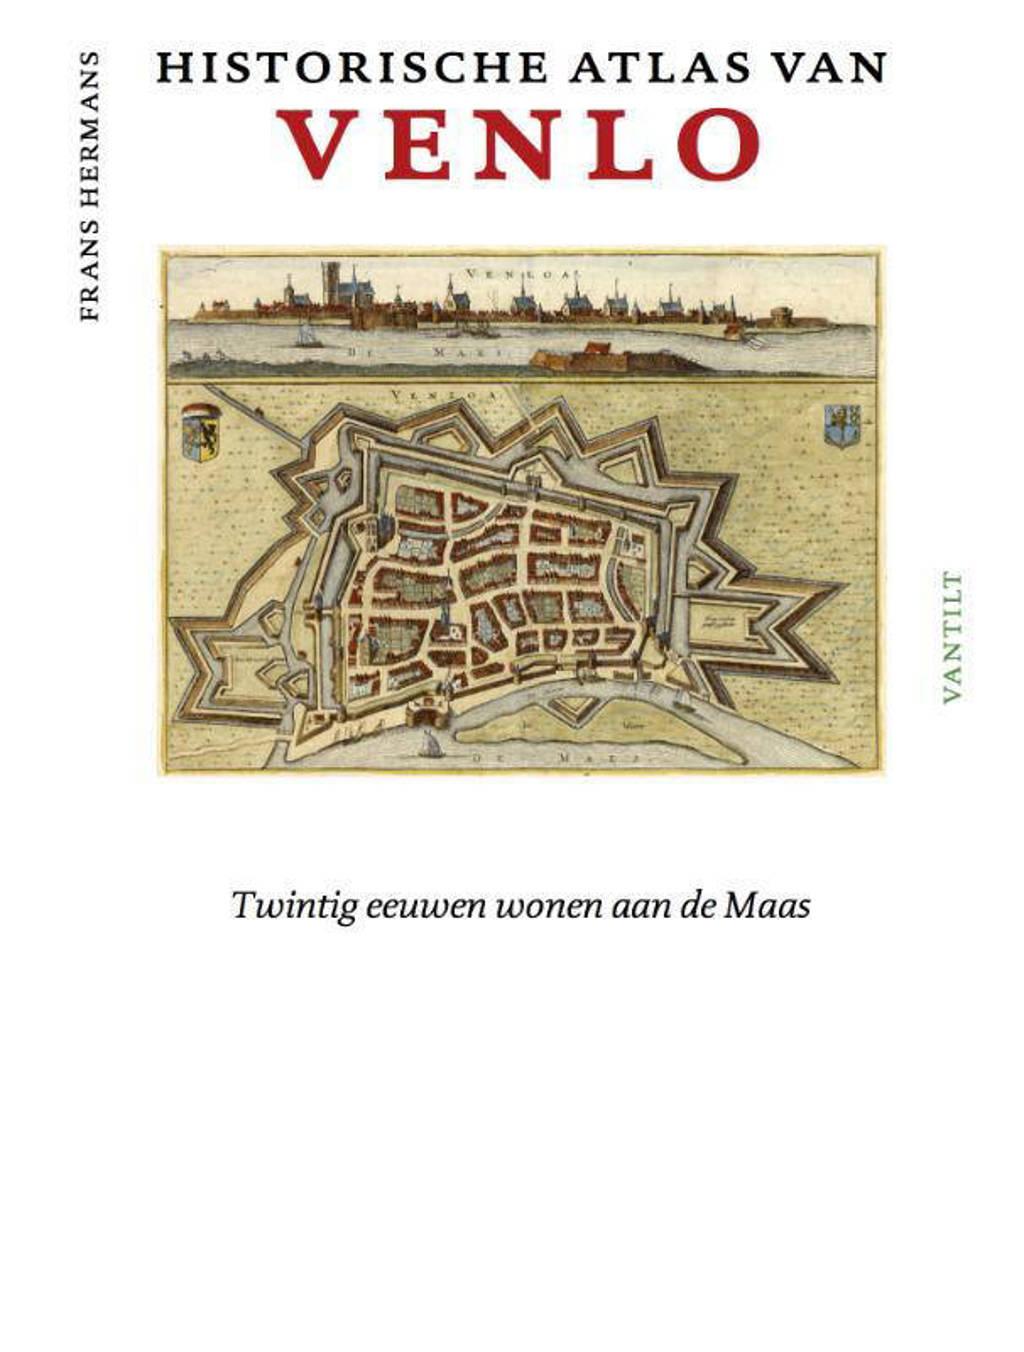 Historische atlassen: Historische atlas van Venlo - Frans Hermans